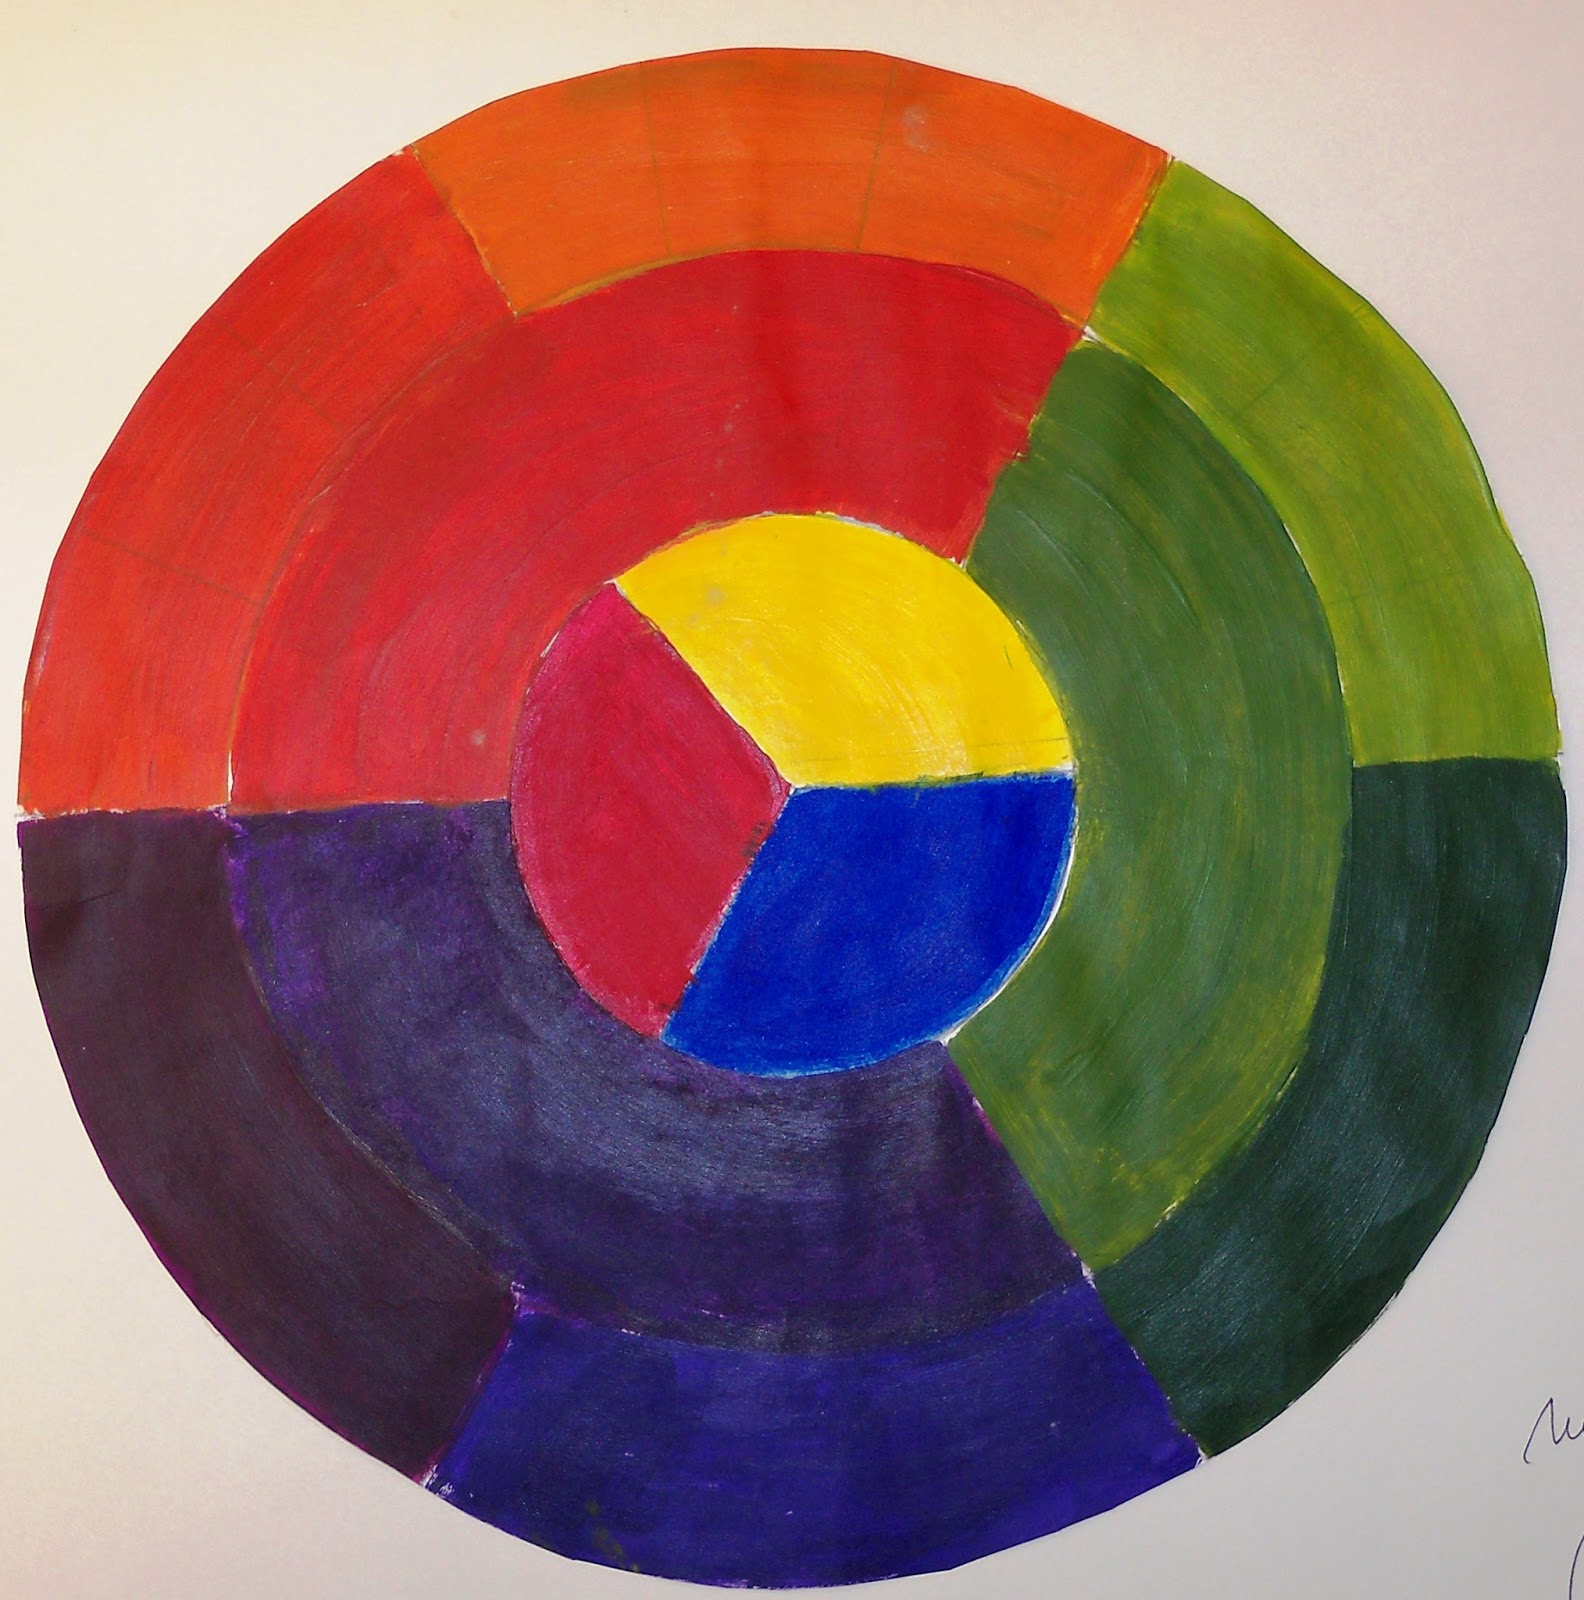 Silvia barzola arte circulo crom tico de 12 colores - Circulo cromatico 12 colores ...